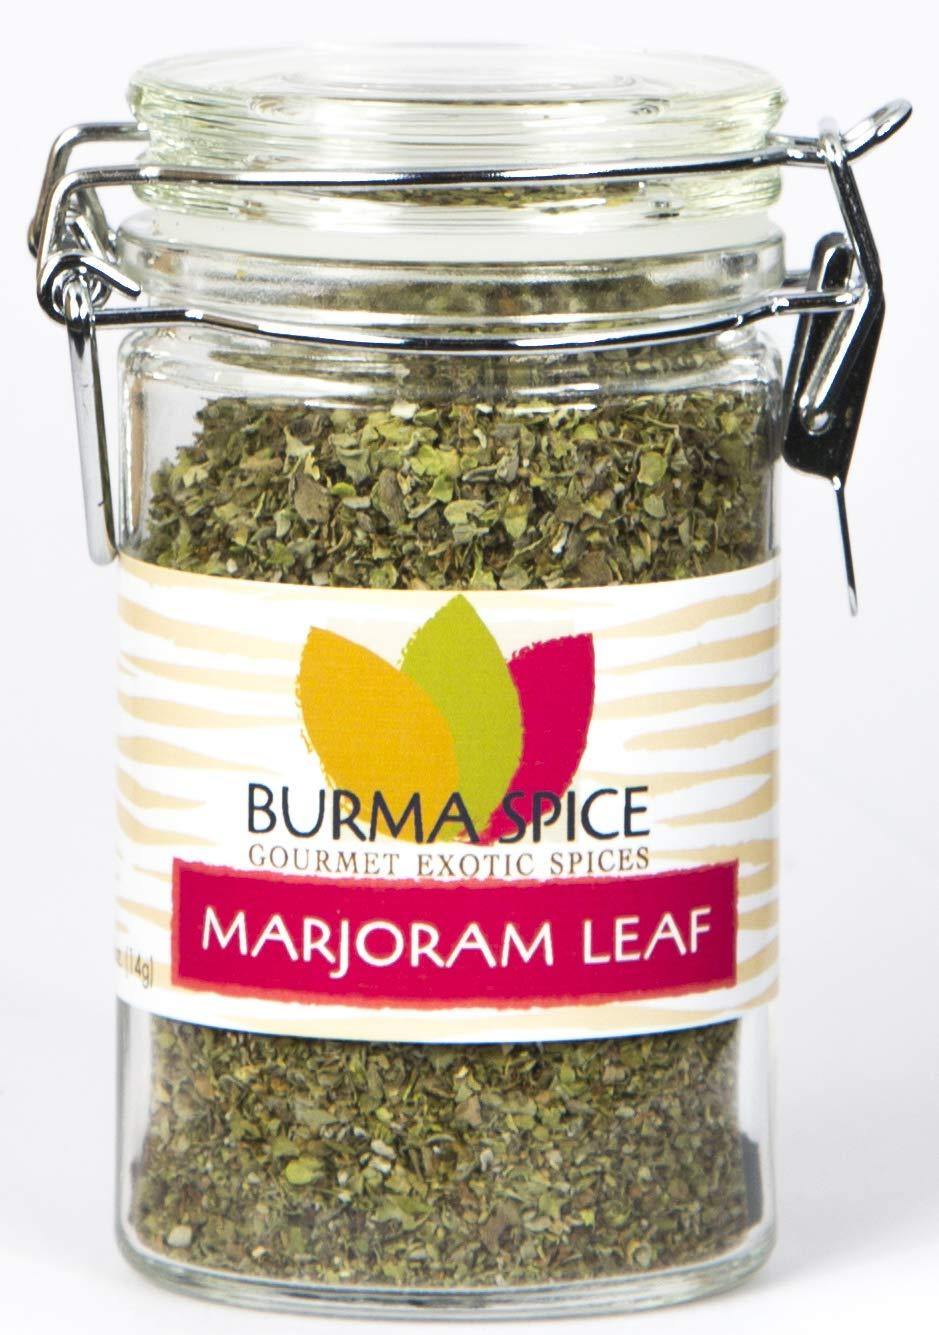 Marjoram Leaves : Dry Herb Seasoning Spice : Kosher Certified (0.5oz.)